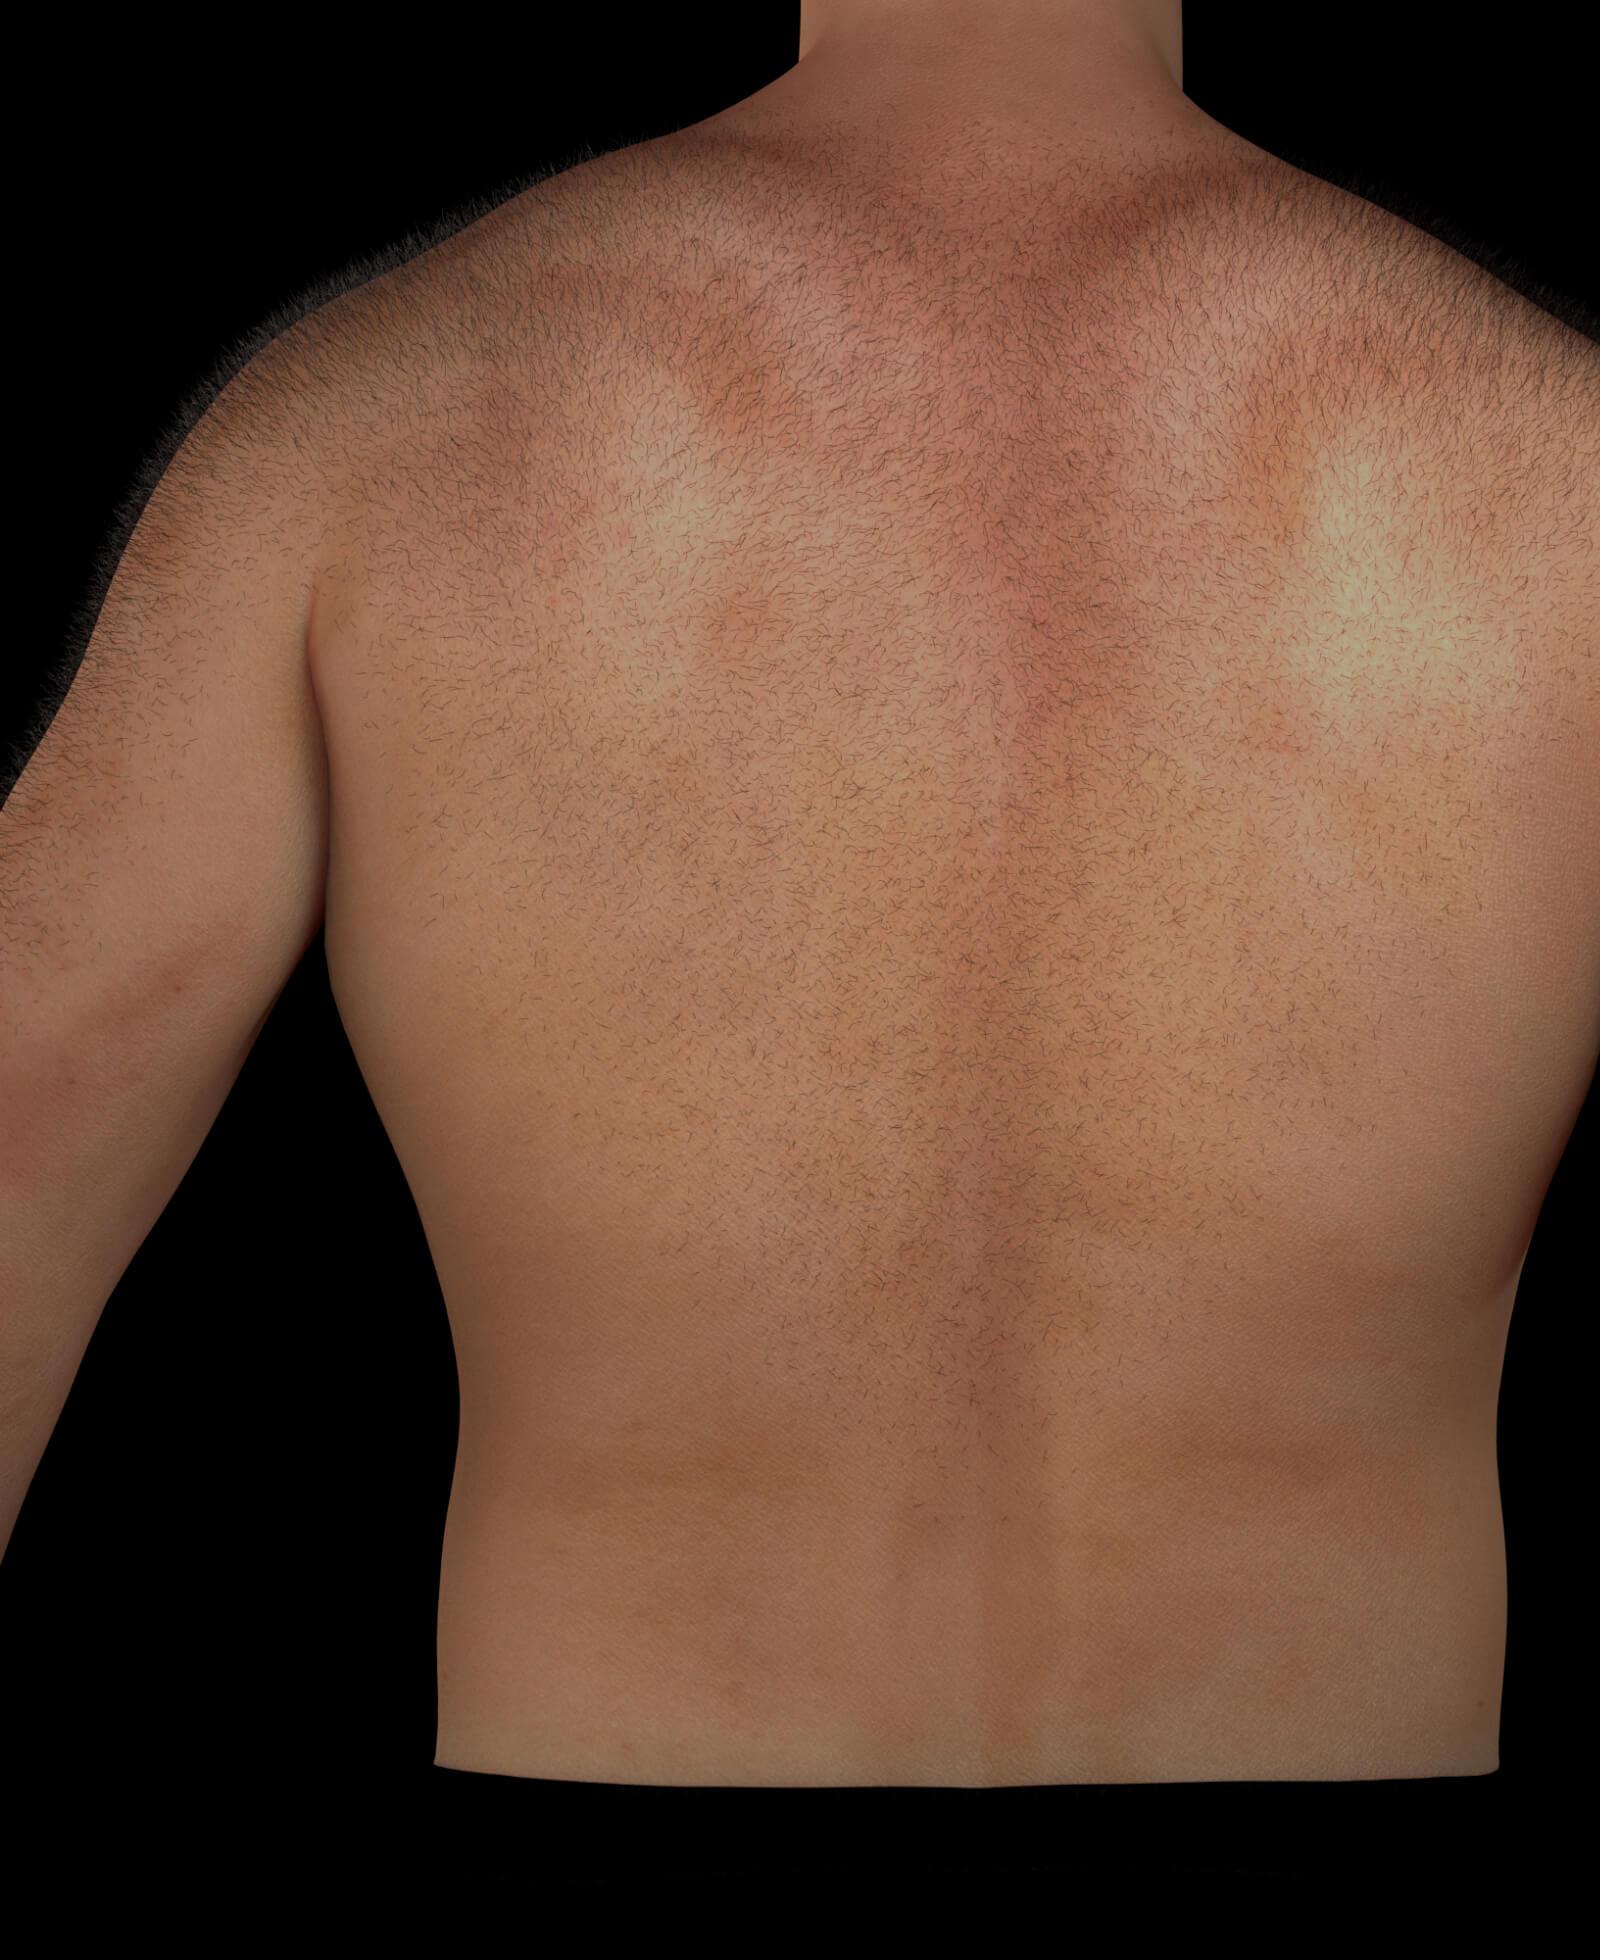 Patient de la Clinique Chloé ayant des poils indésirables dans le dos, nécessitant une épilation permanente